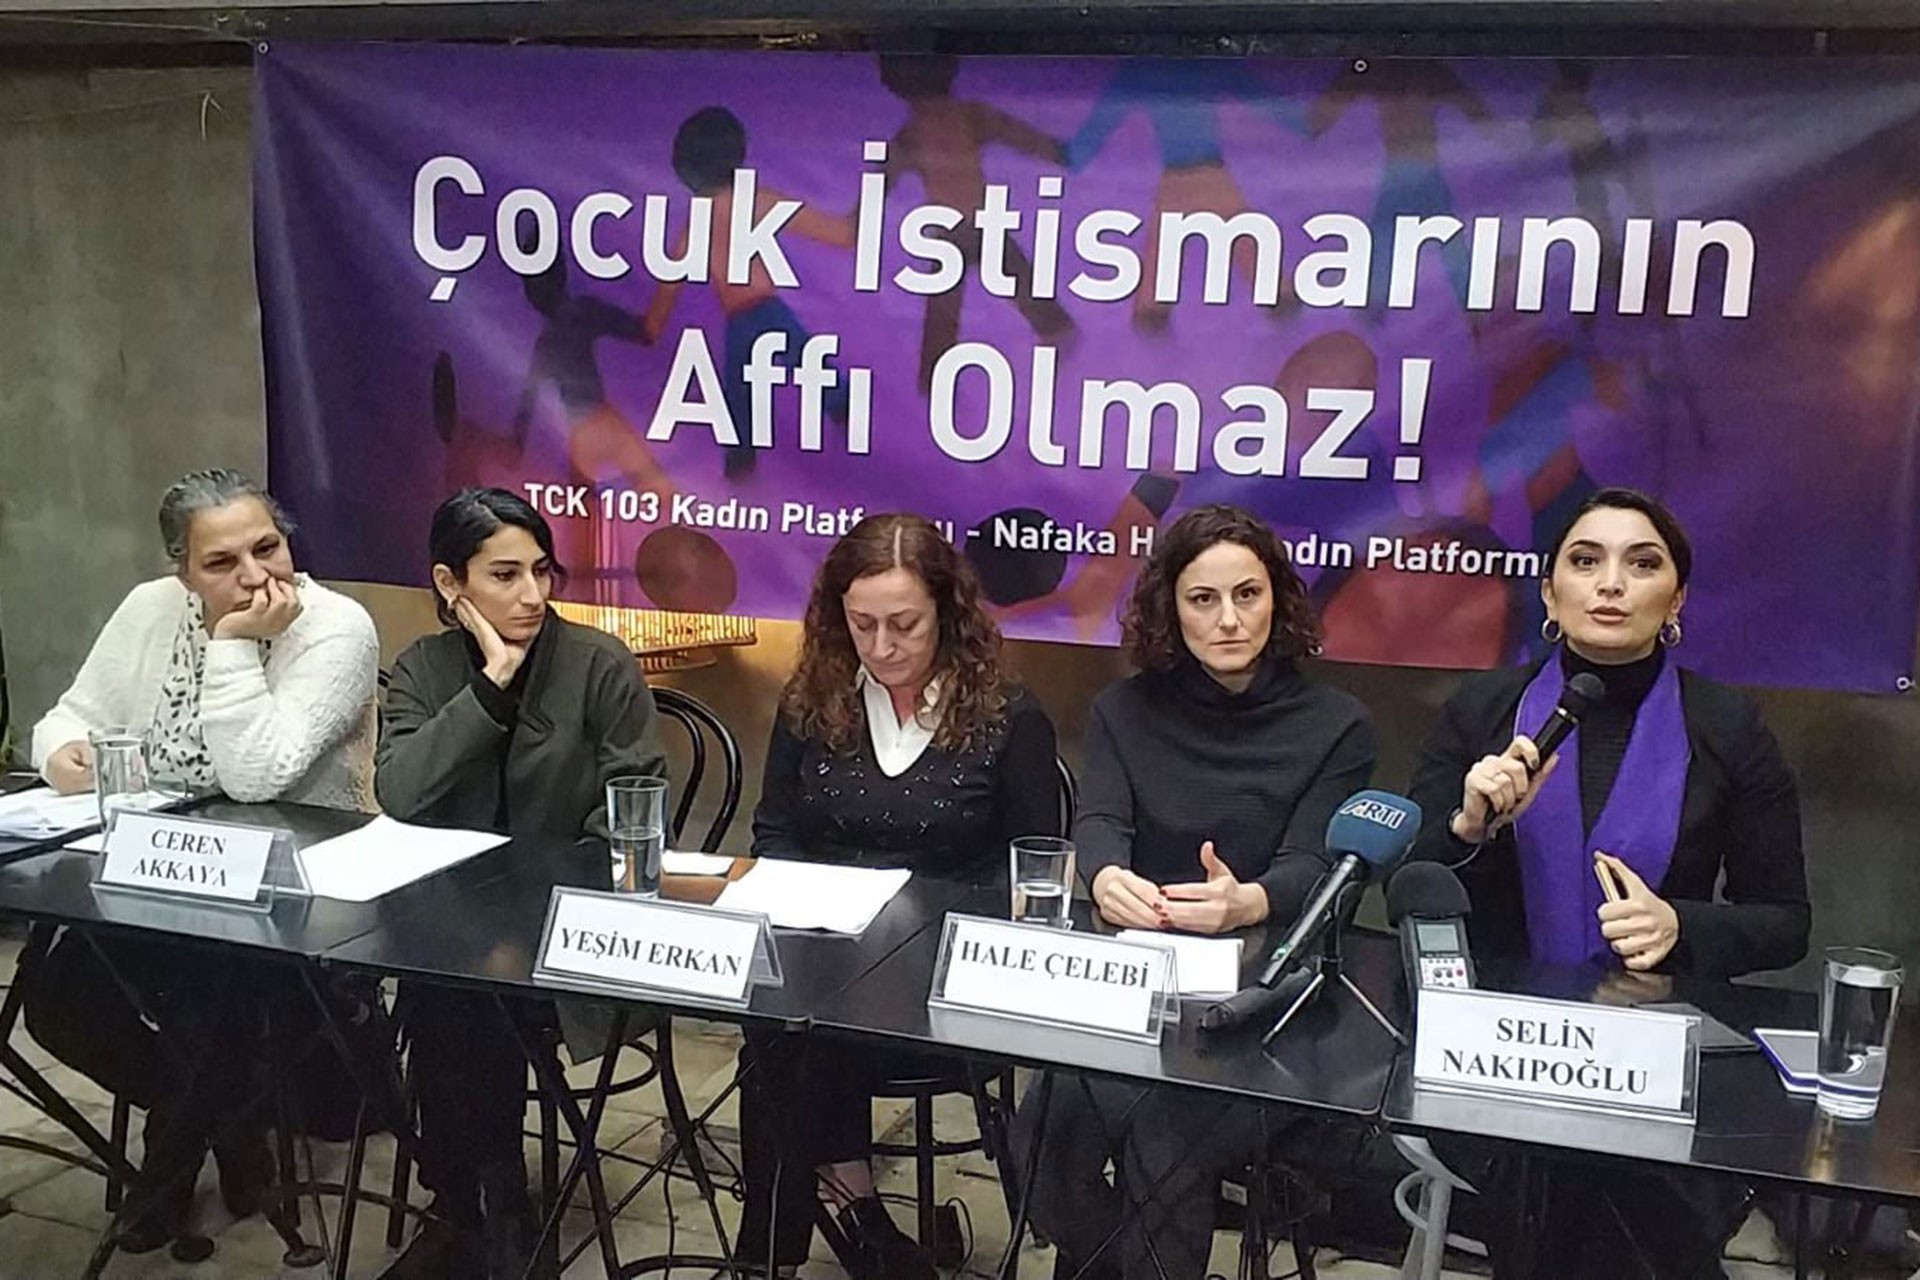 (Soldan sağa) Avukat Hülya Gülbahar, Ceren Akkaya, Yeşim Erkan, Hale Çelebi ve Av. Selin Nakipoğlu